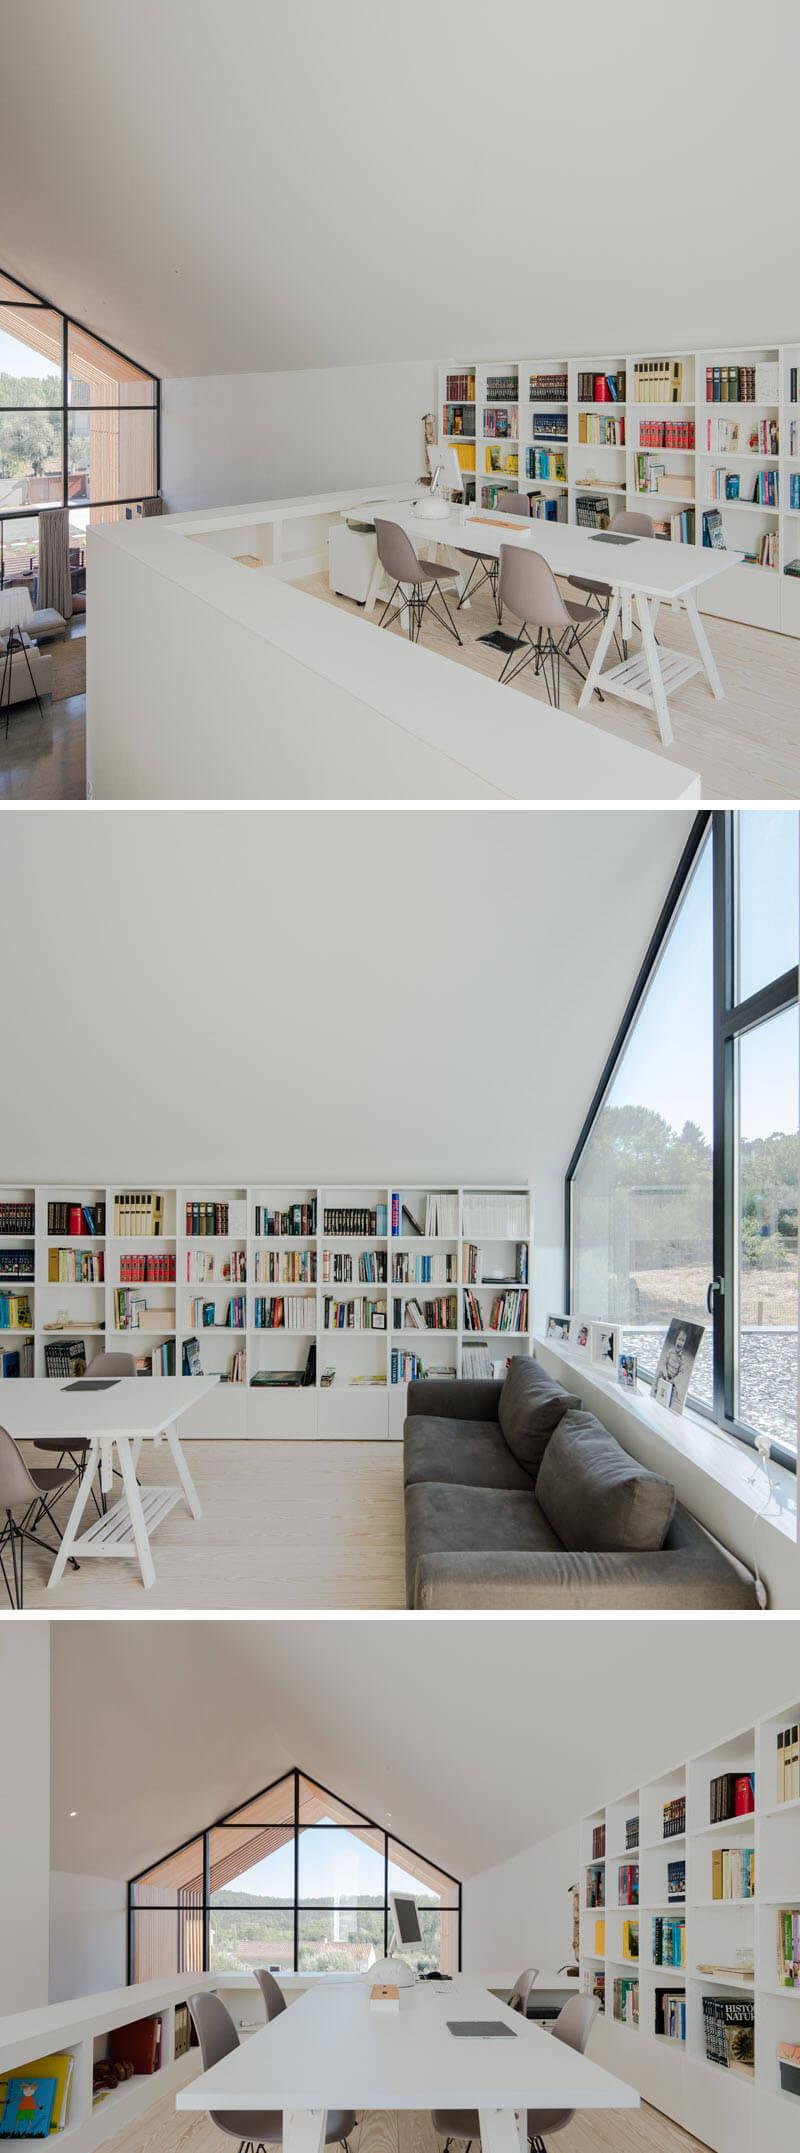 escritorio minimalista branco arquitetura portugal